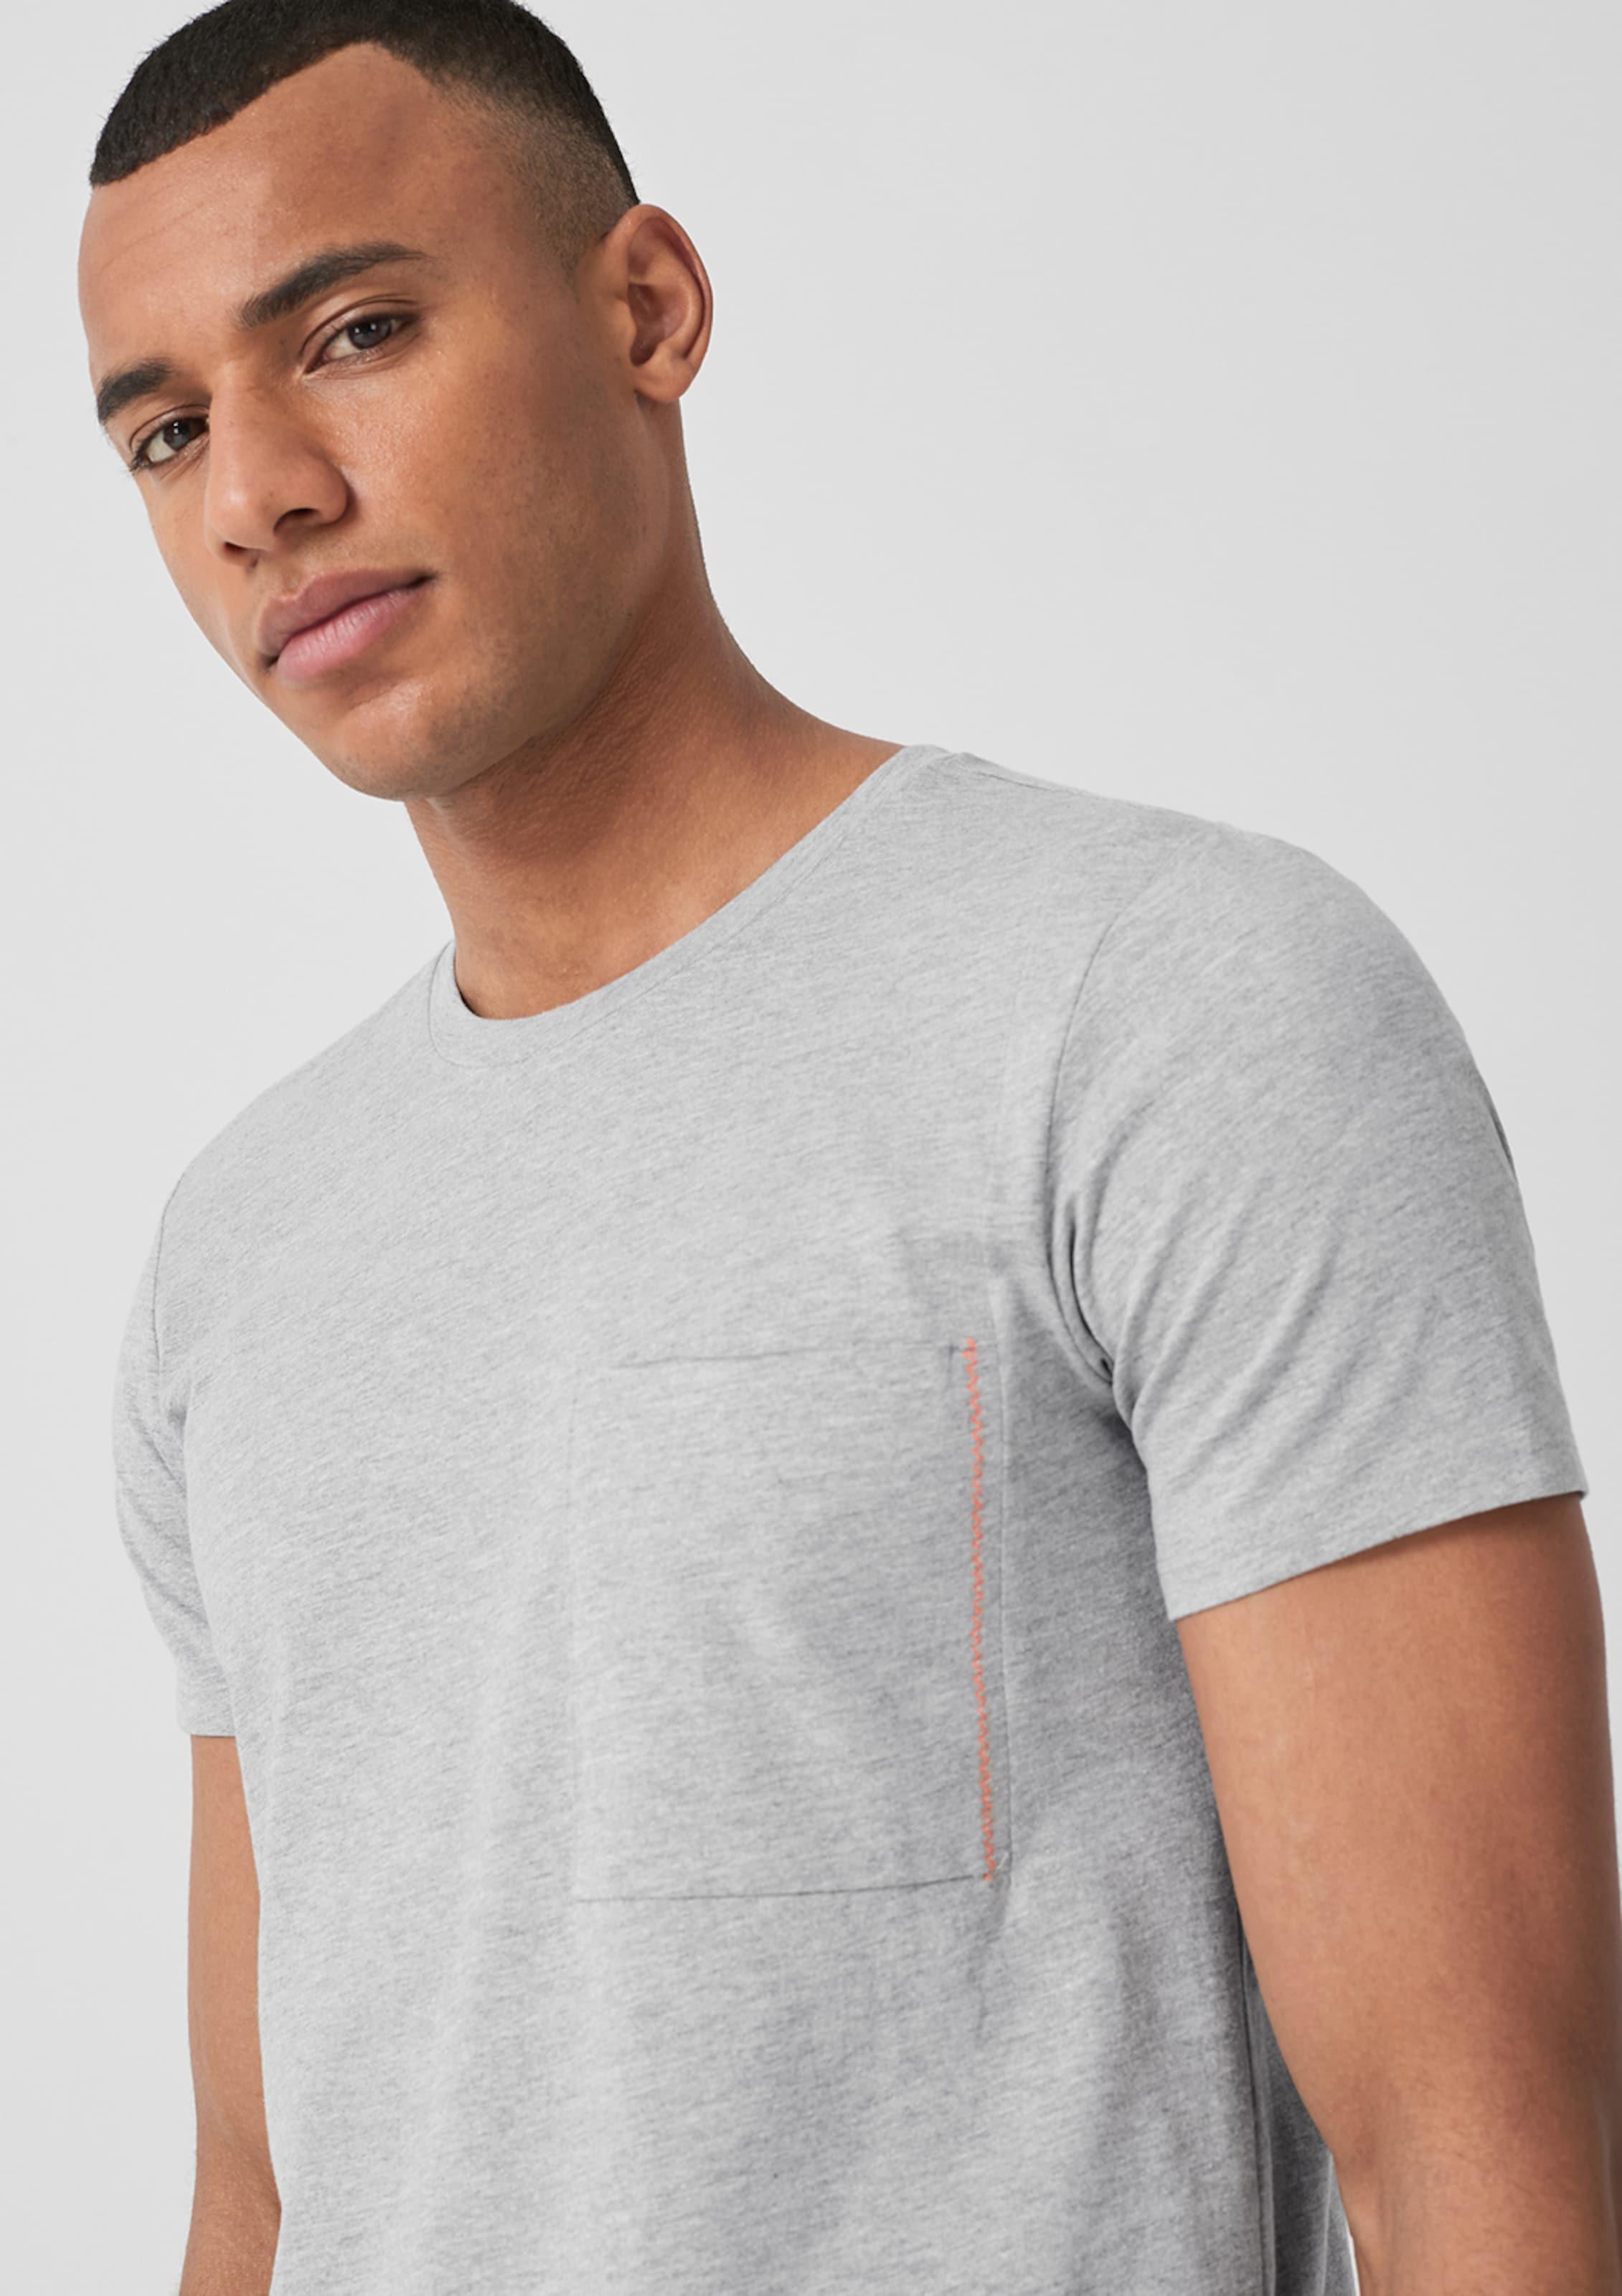 Q Hellgrau shirt Designed T In s By dthsQr